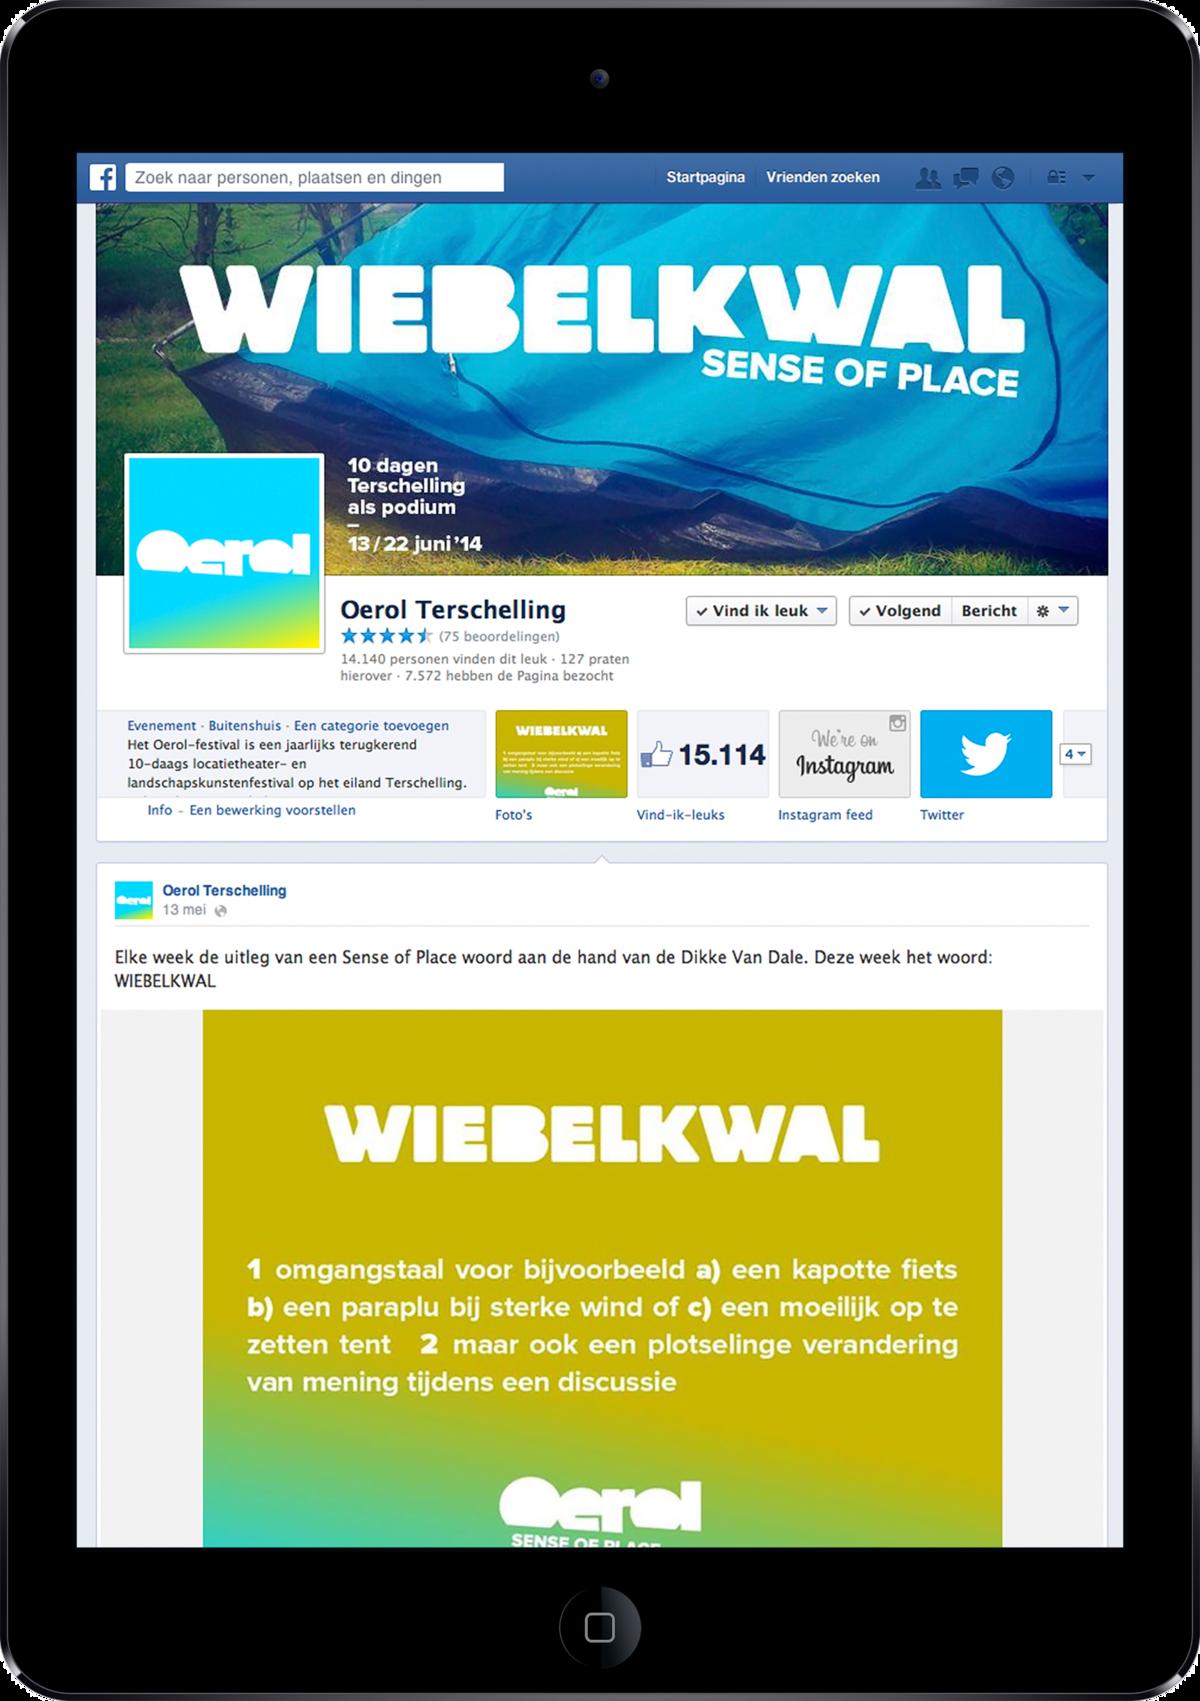 oerol-2014-ipad-fb-wiebelkwal.png